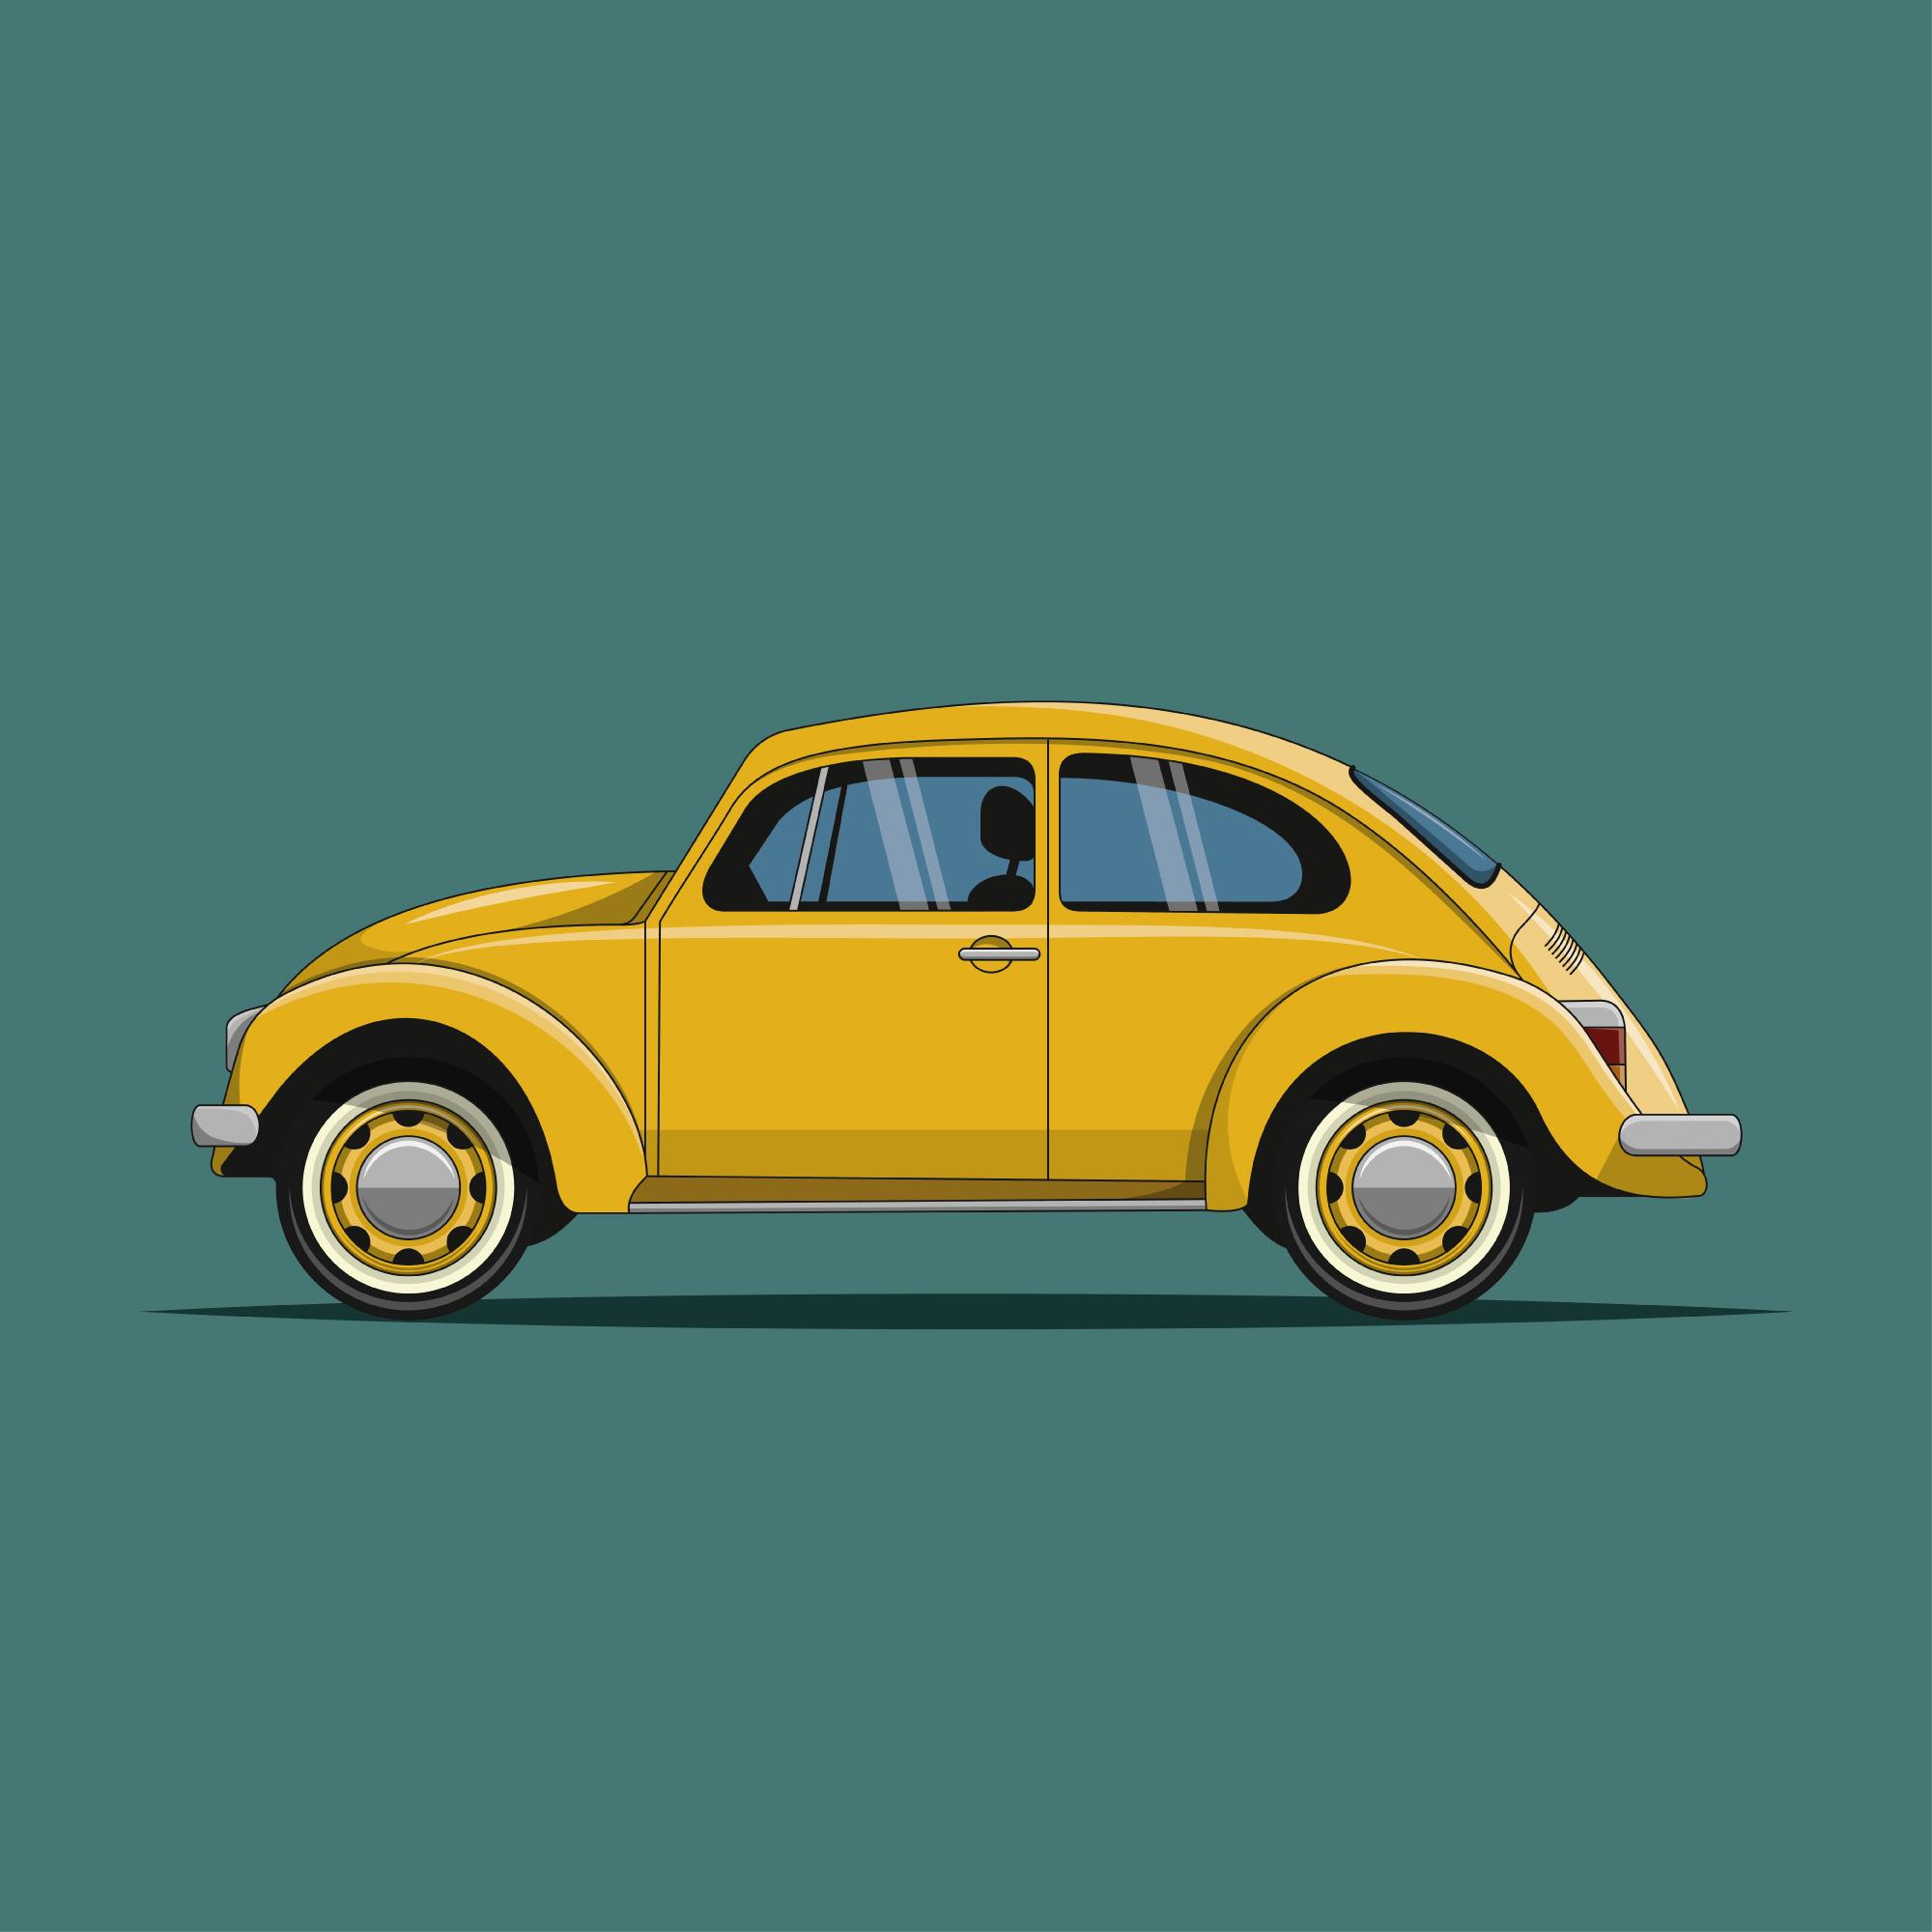 Illustration-VW-Käfer. Gelbes VW Auto auf grünem Hintergrund. Enstanden ist dieses Bild in Adobe Illustrator